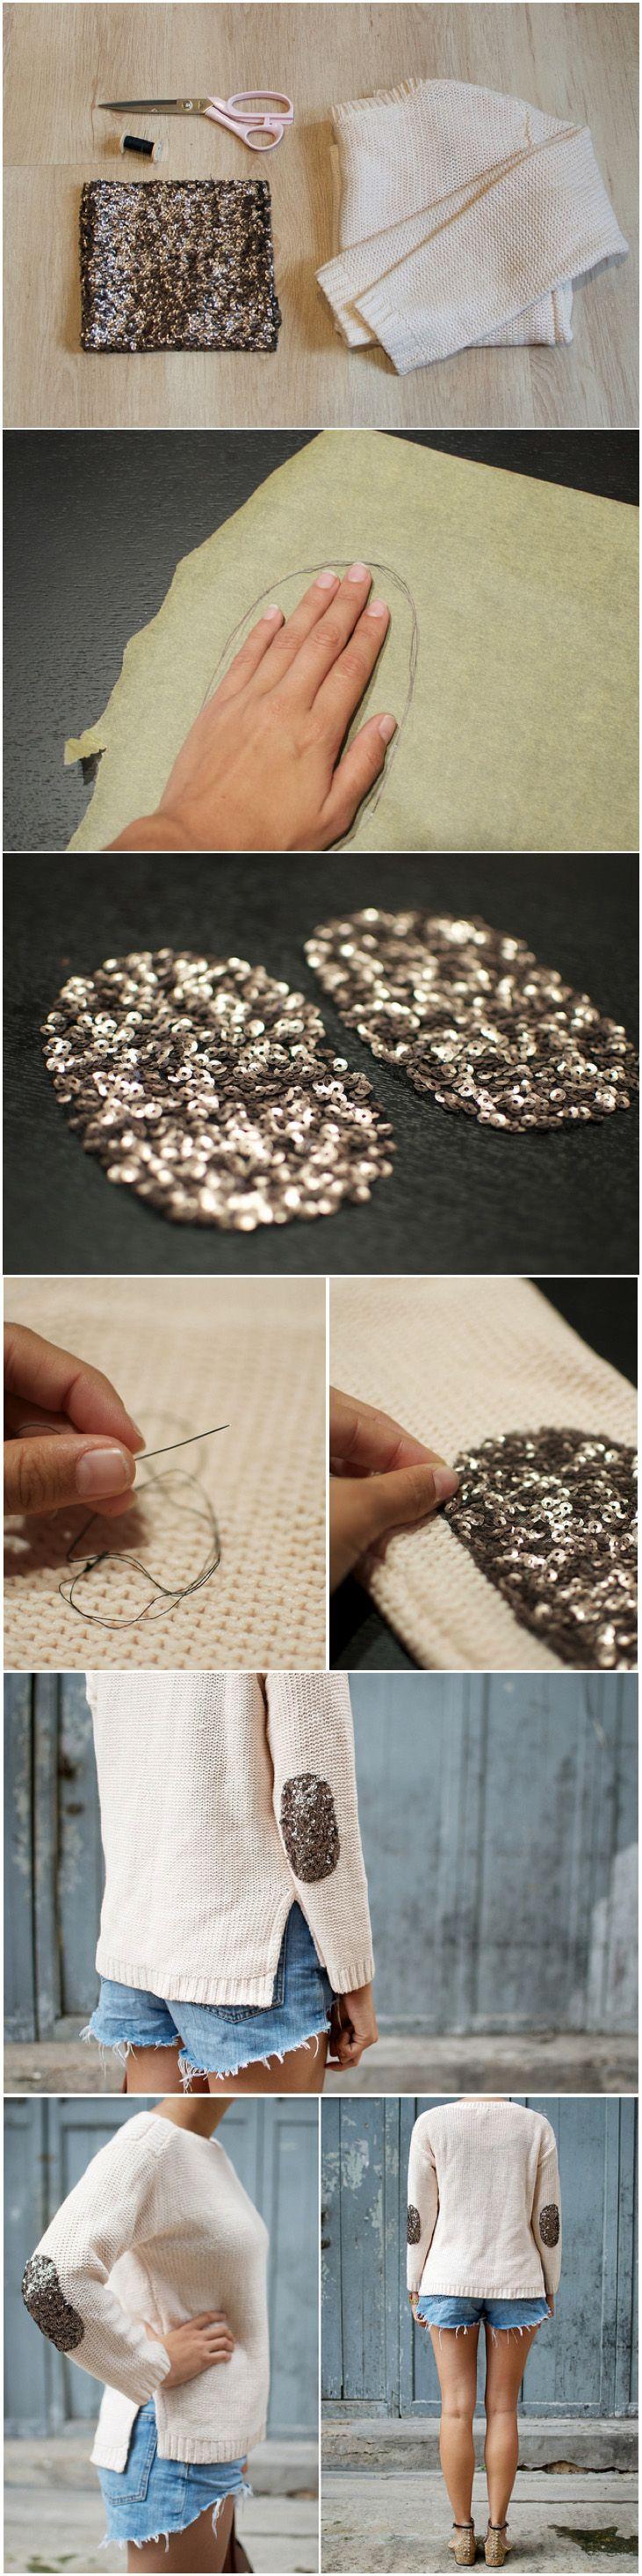 Deux tutos simples pour transformer votre pull basique en pull chic! Pas besoin de machine à coudre pour ce projet qui fera bien des envieuses!